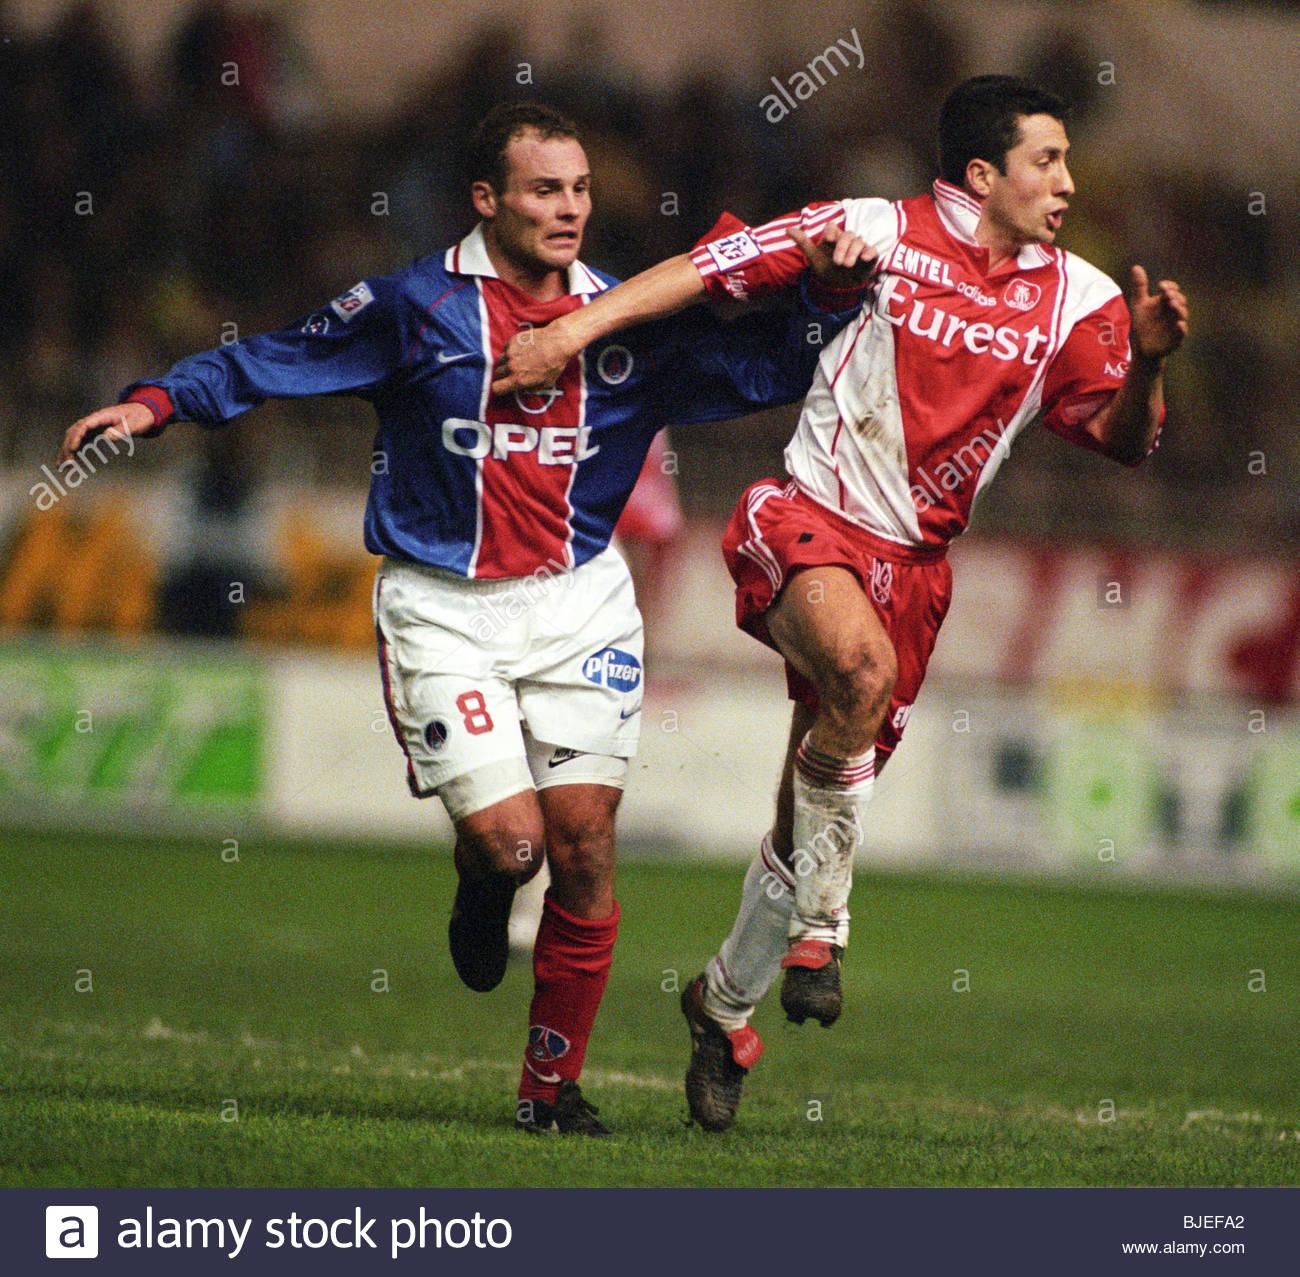 Paris Saint Germain V Angers Sco Ligue 1: Psg Stock Photos & Psg Stock Images